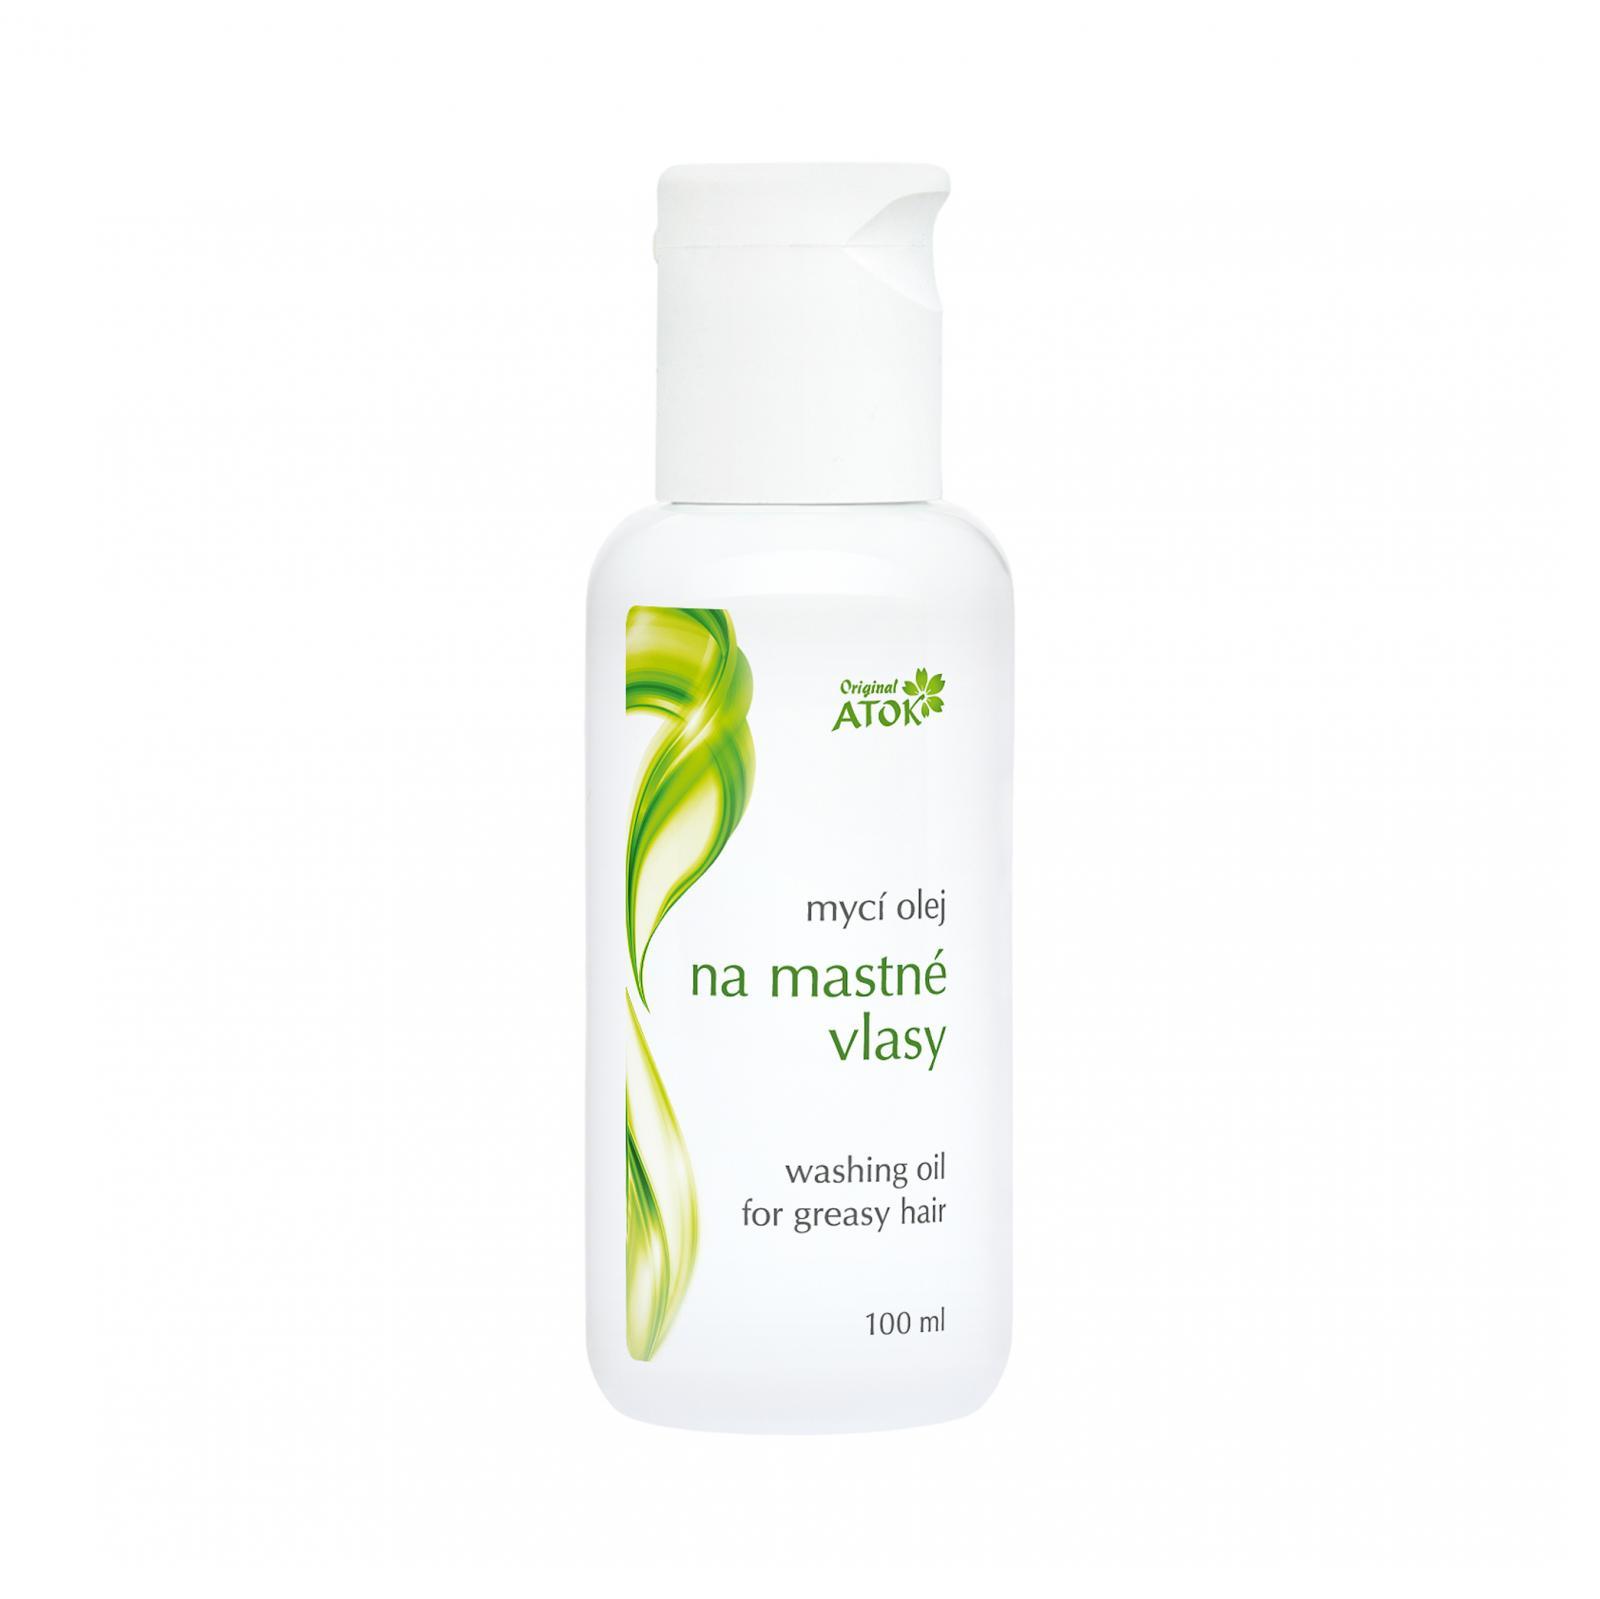 Original ATOK Mycí olej na mastné vlasy 100 ml